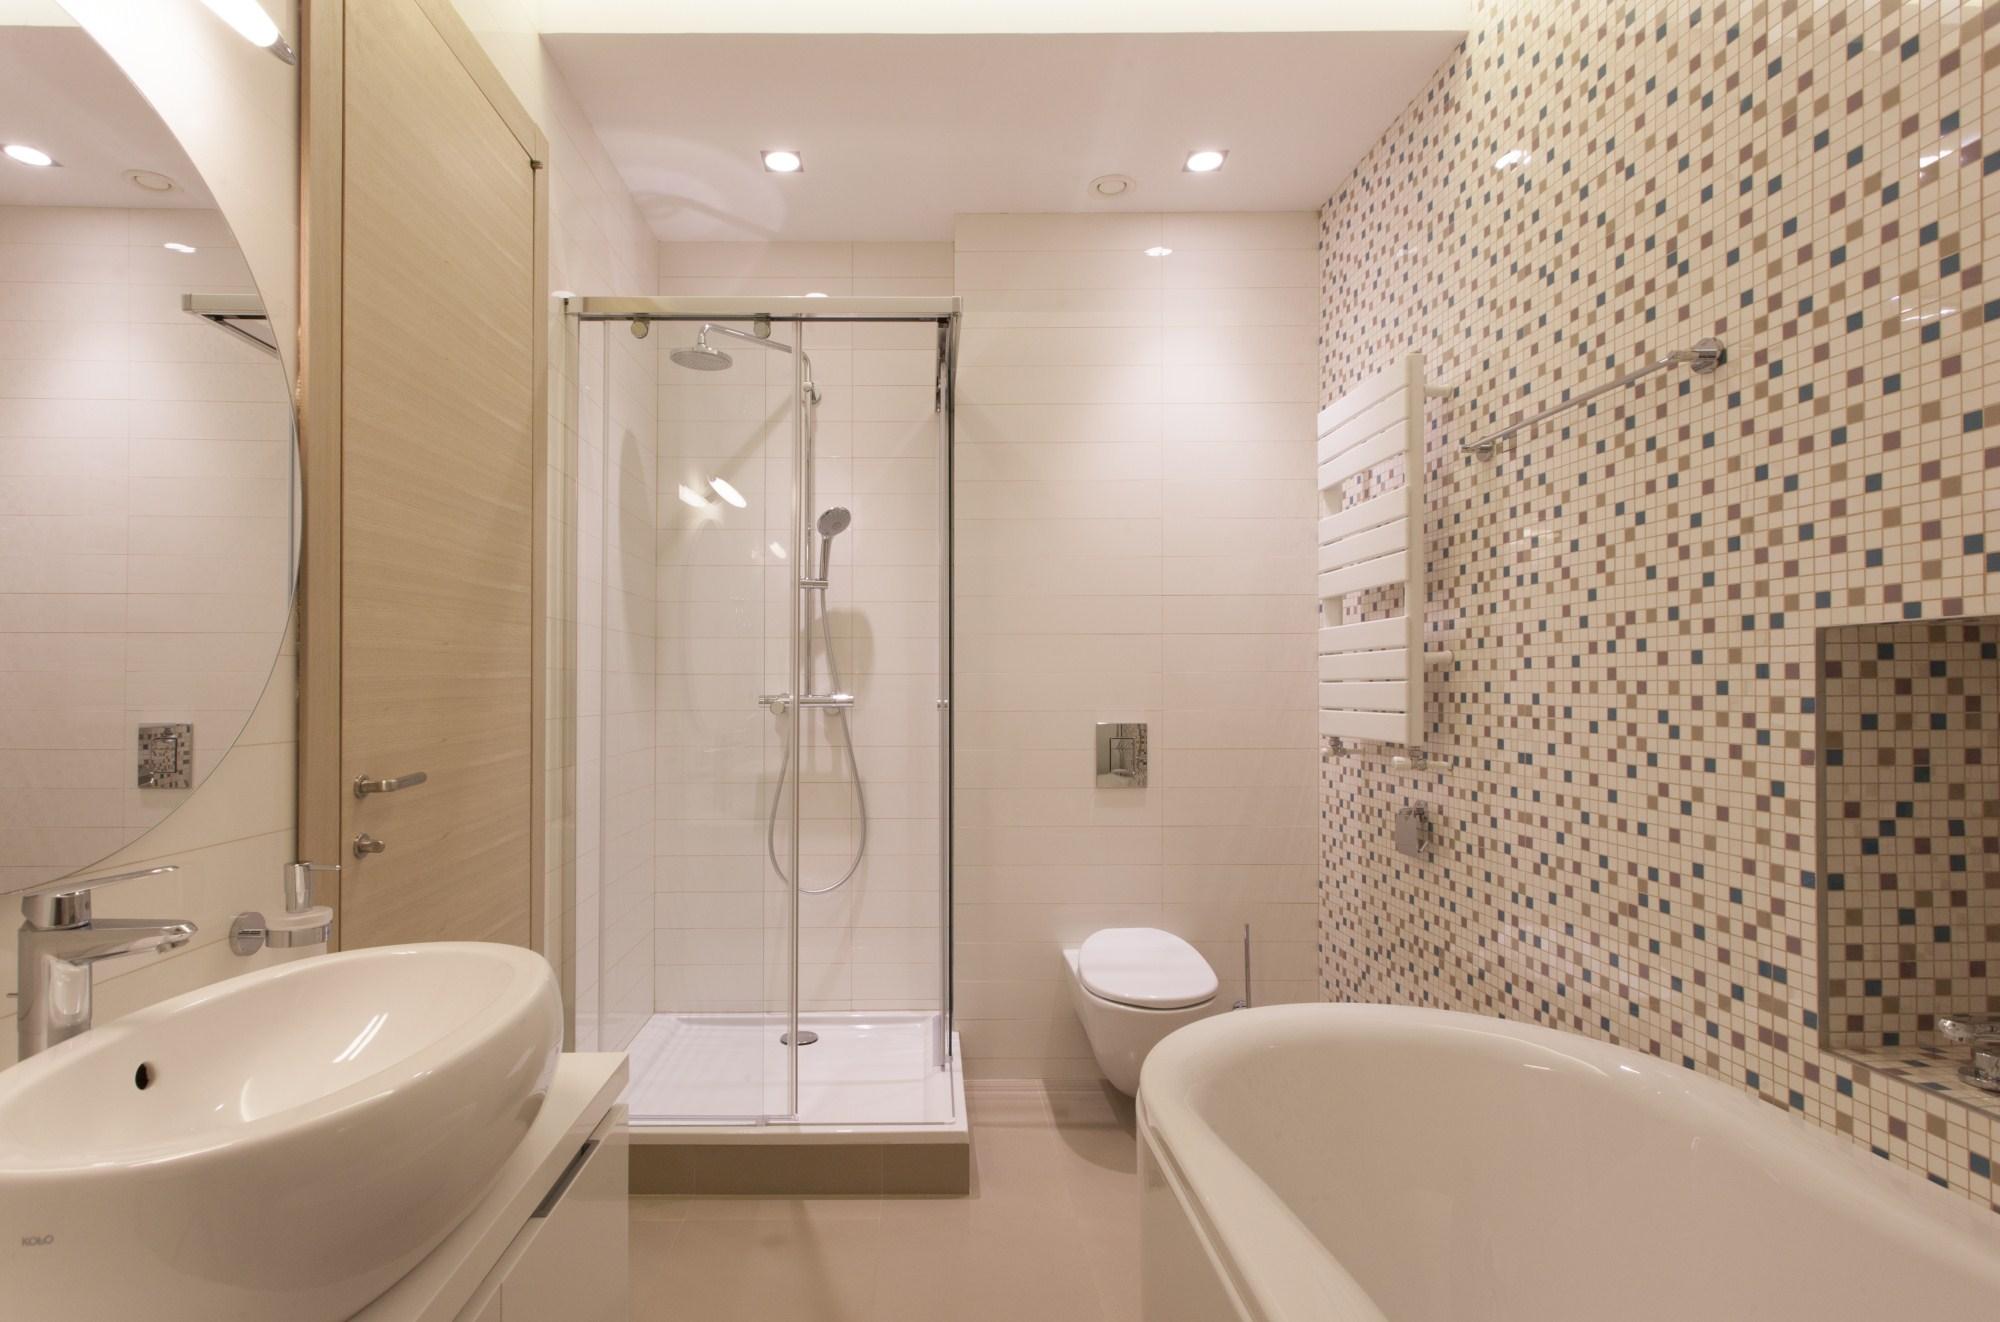 https://nbc-arhitect.ro/wp-content/uploads/2020/10/NBC-Arhitect-_-Petofi-Sandor-_-Housing-_-interior-design_8.jpg